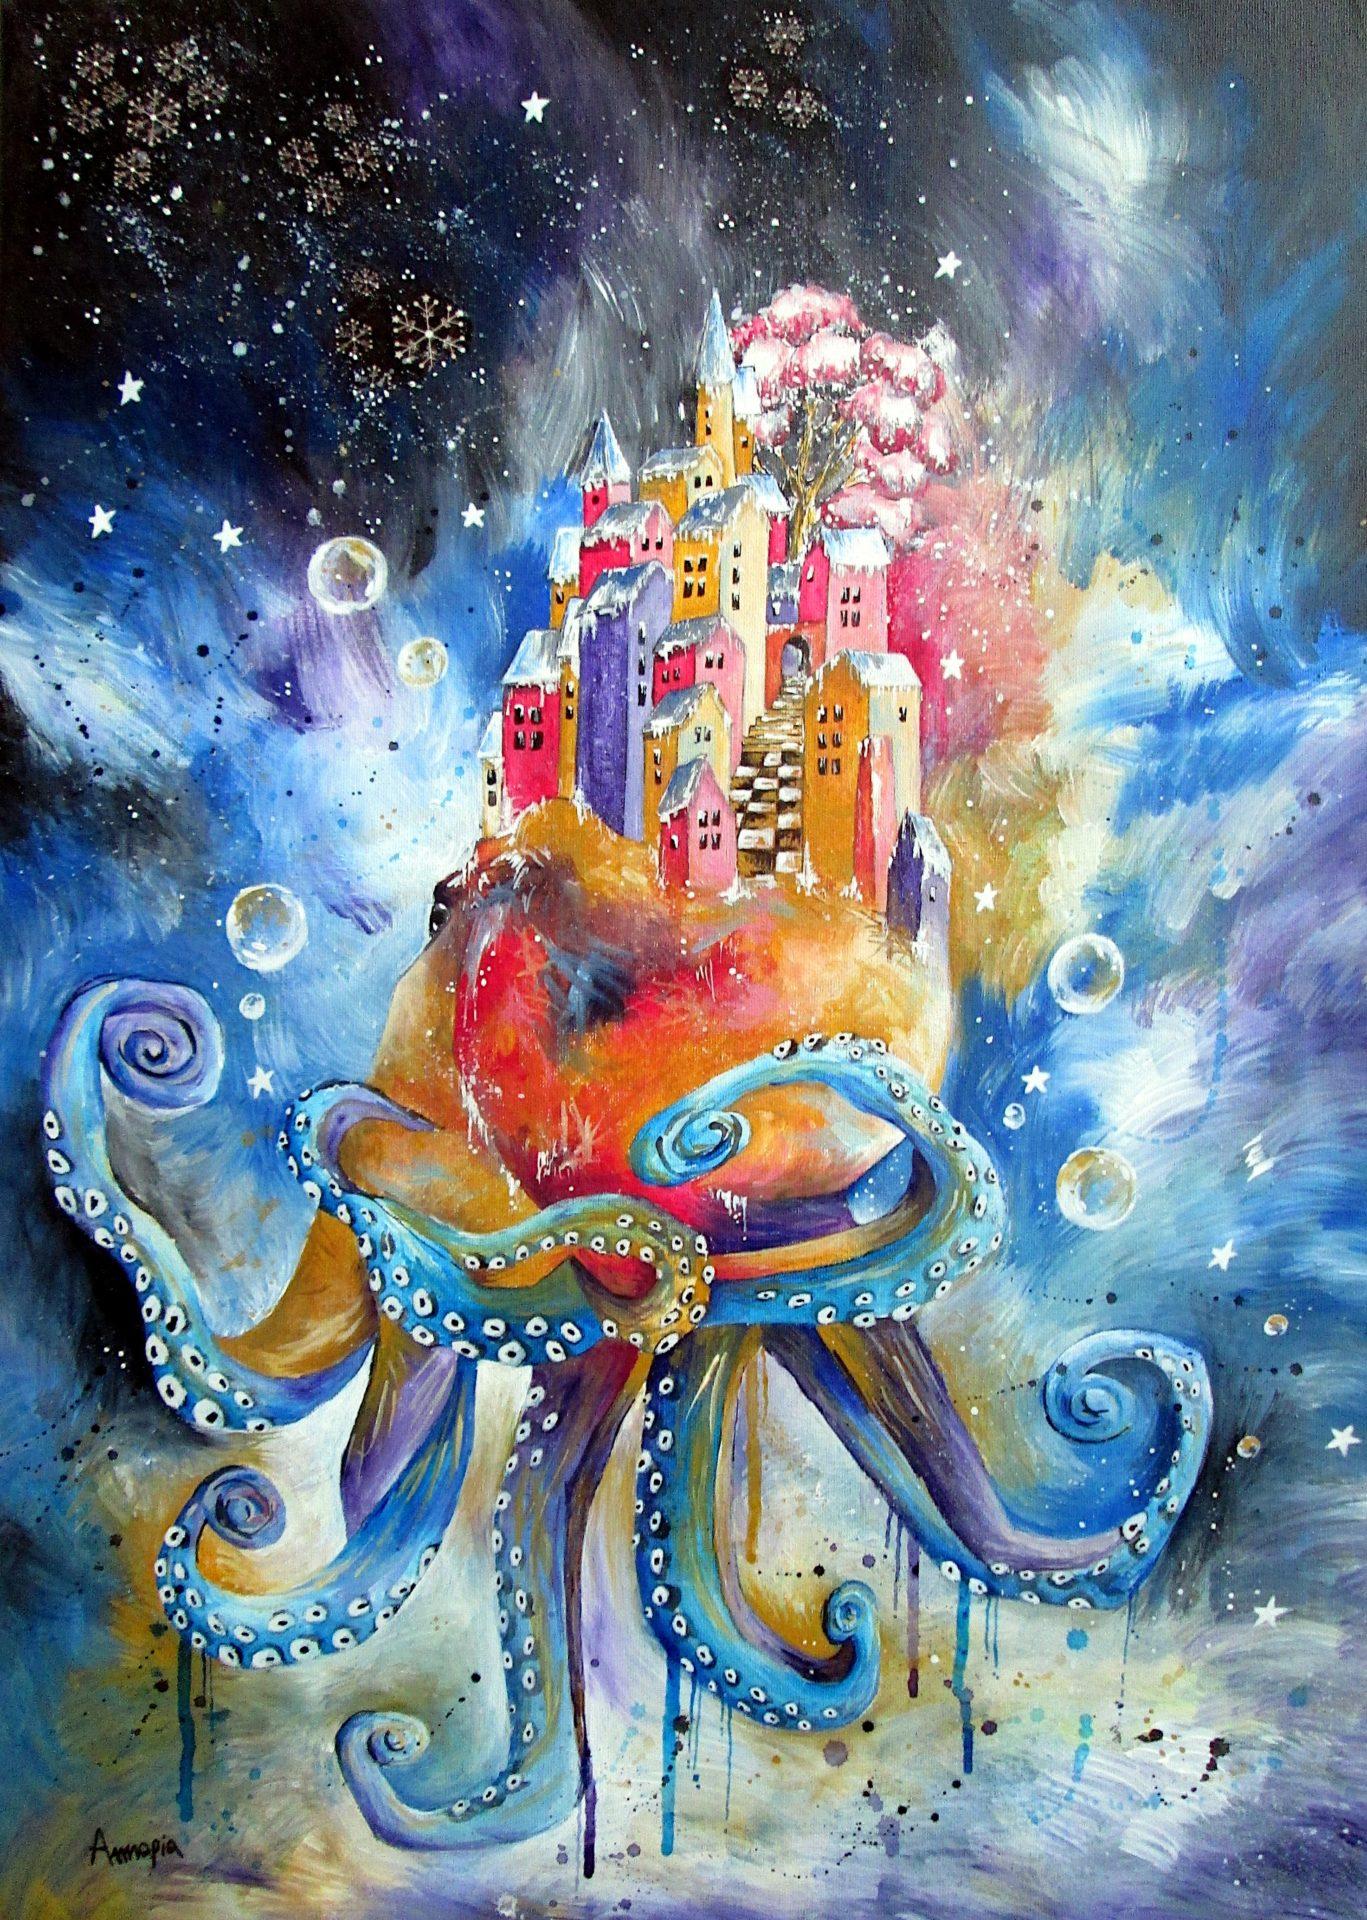 tableau surréaliste onirique poétique pieuvre poulpe